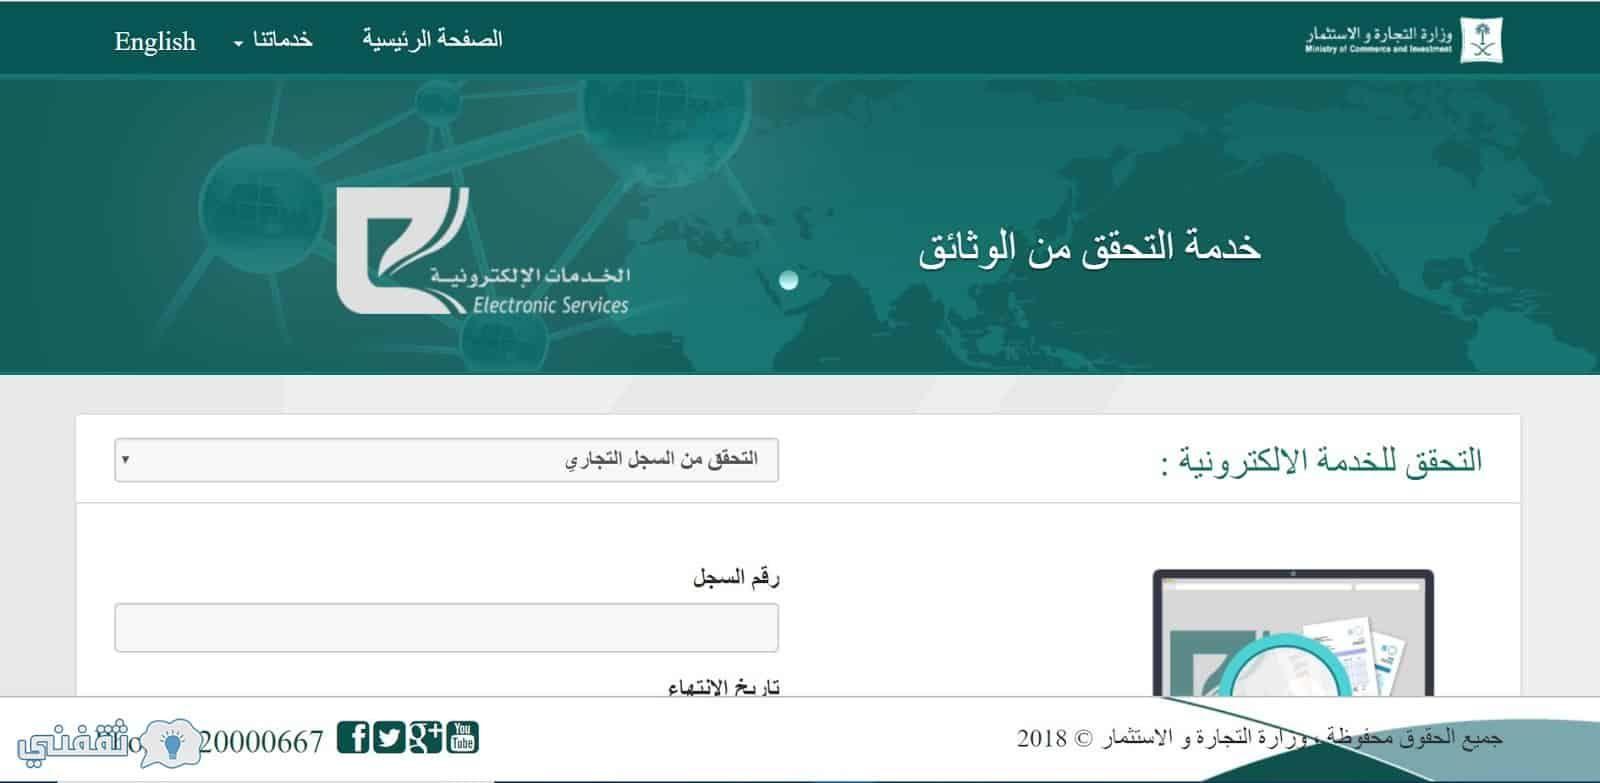 استعلام عن سجل تجاري برقم السجل المدني عبر موقع وزارة التجارة والصناعة في السعودية Post Pandora Screenshot Screenshots